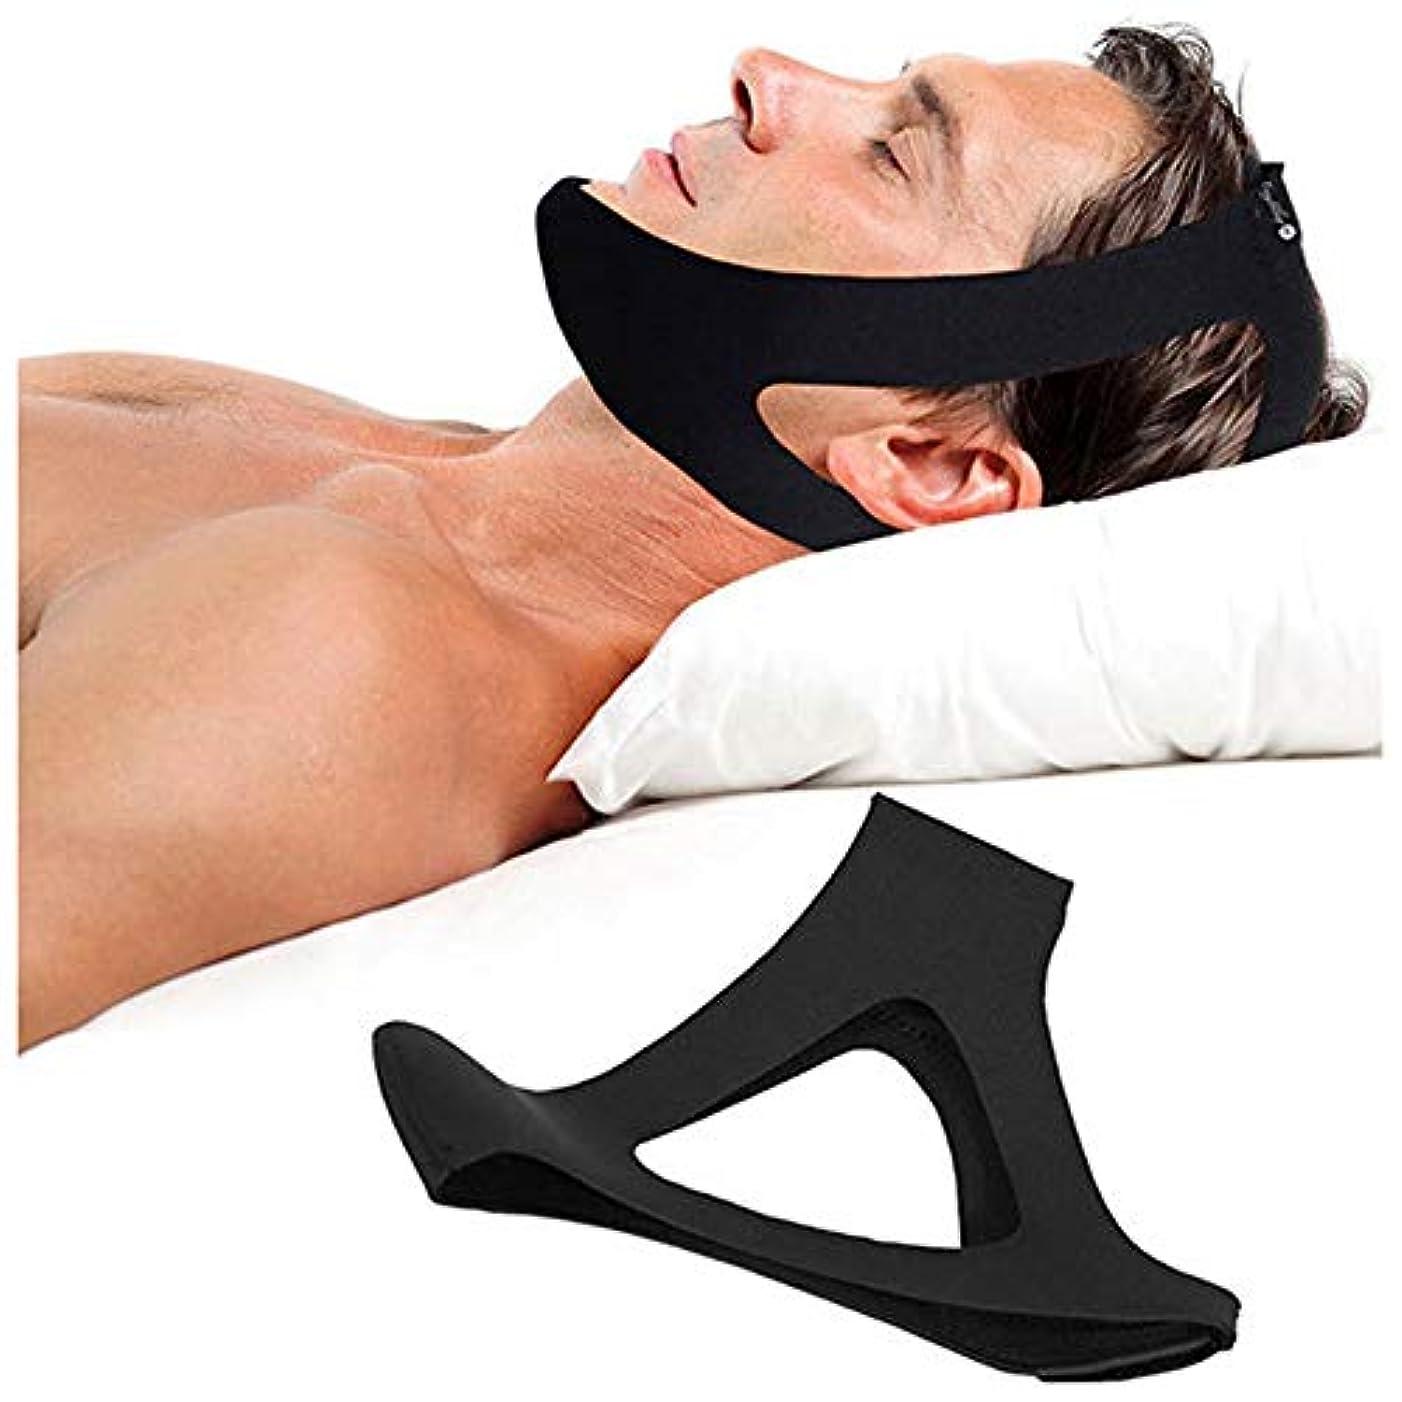 ブロック心配エンジンアンチいびきあごストラップ停止いびきいびきベルト睡眠時無呼吸あごサポートストラップ女性男性ナイト睡眠補助ツールフェイスリフトツール,A